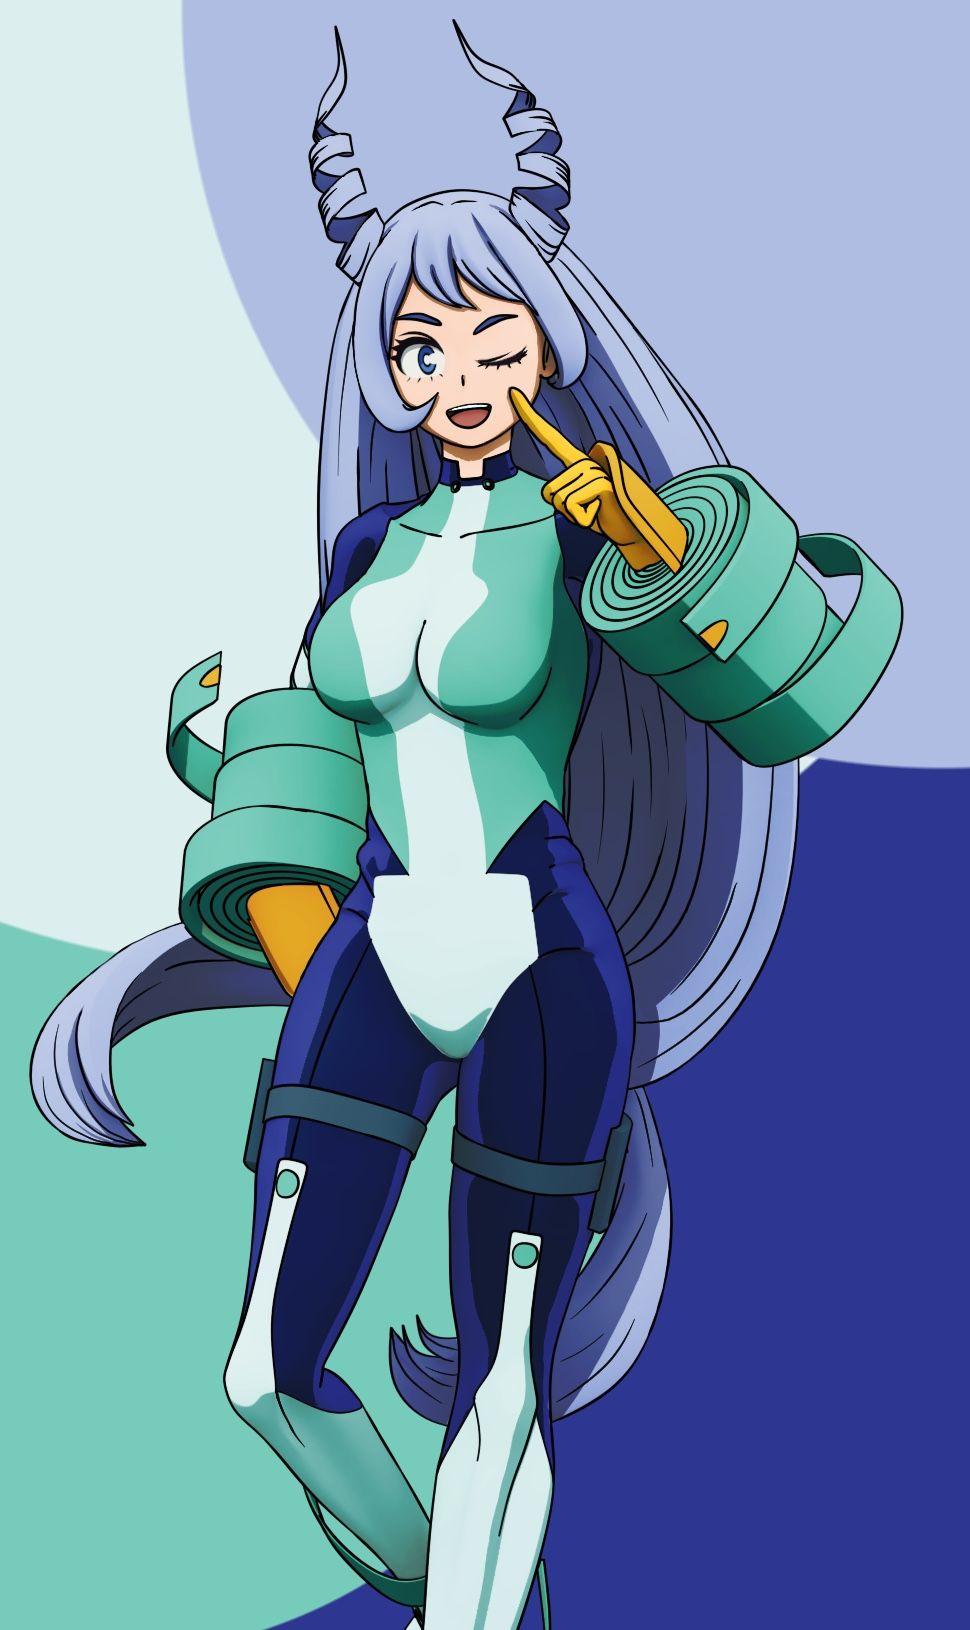 Pinterest en 2020 Nejire hadou, Anime mujer, Arte de anime